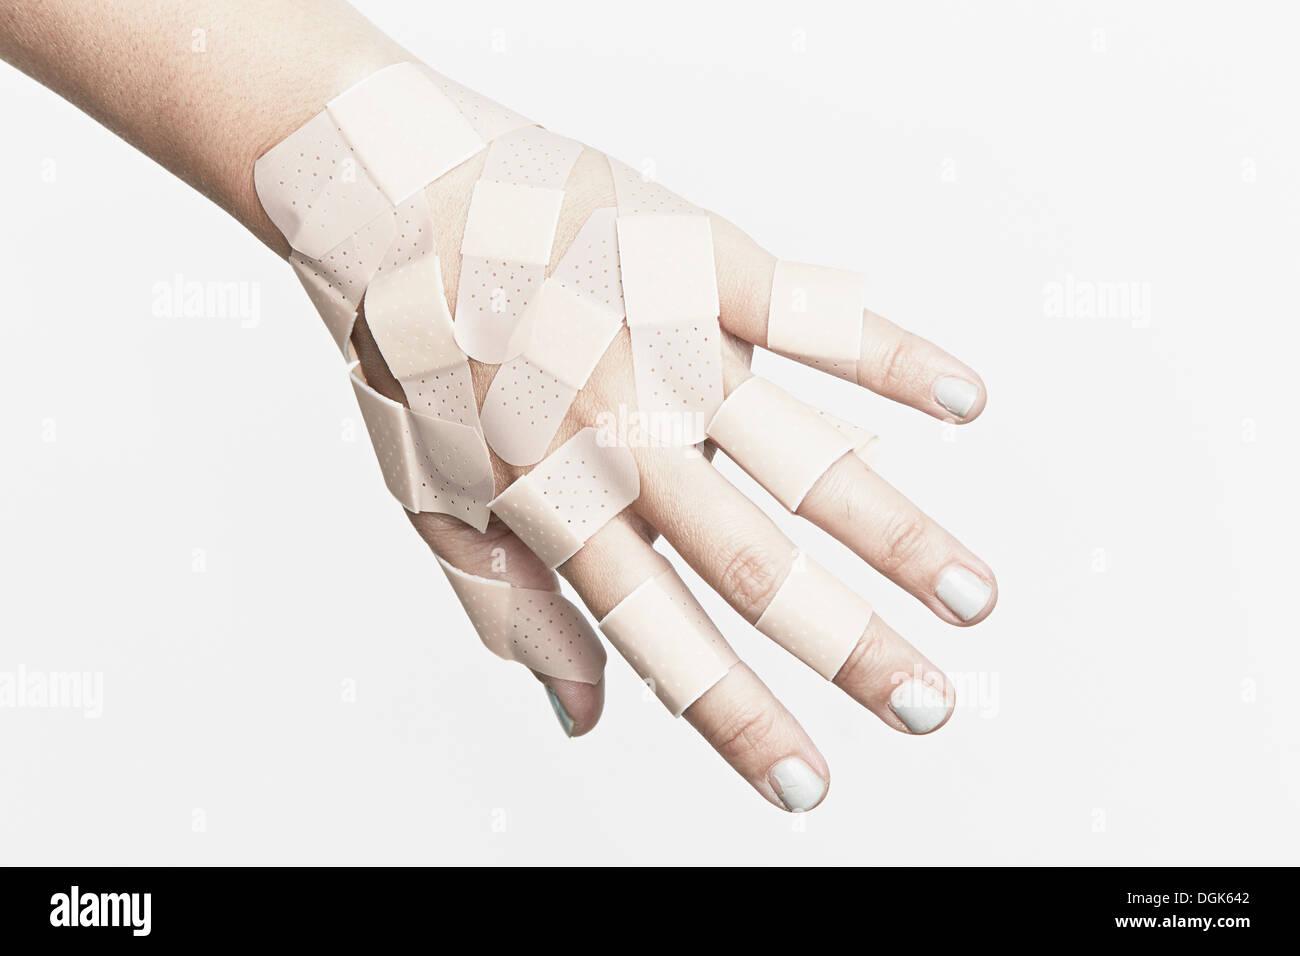 Ritagliate la mano coperta con cerotti Immagini Stock